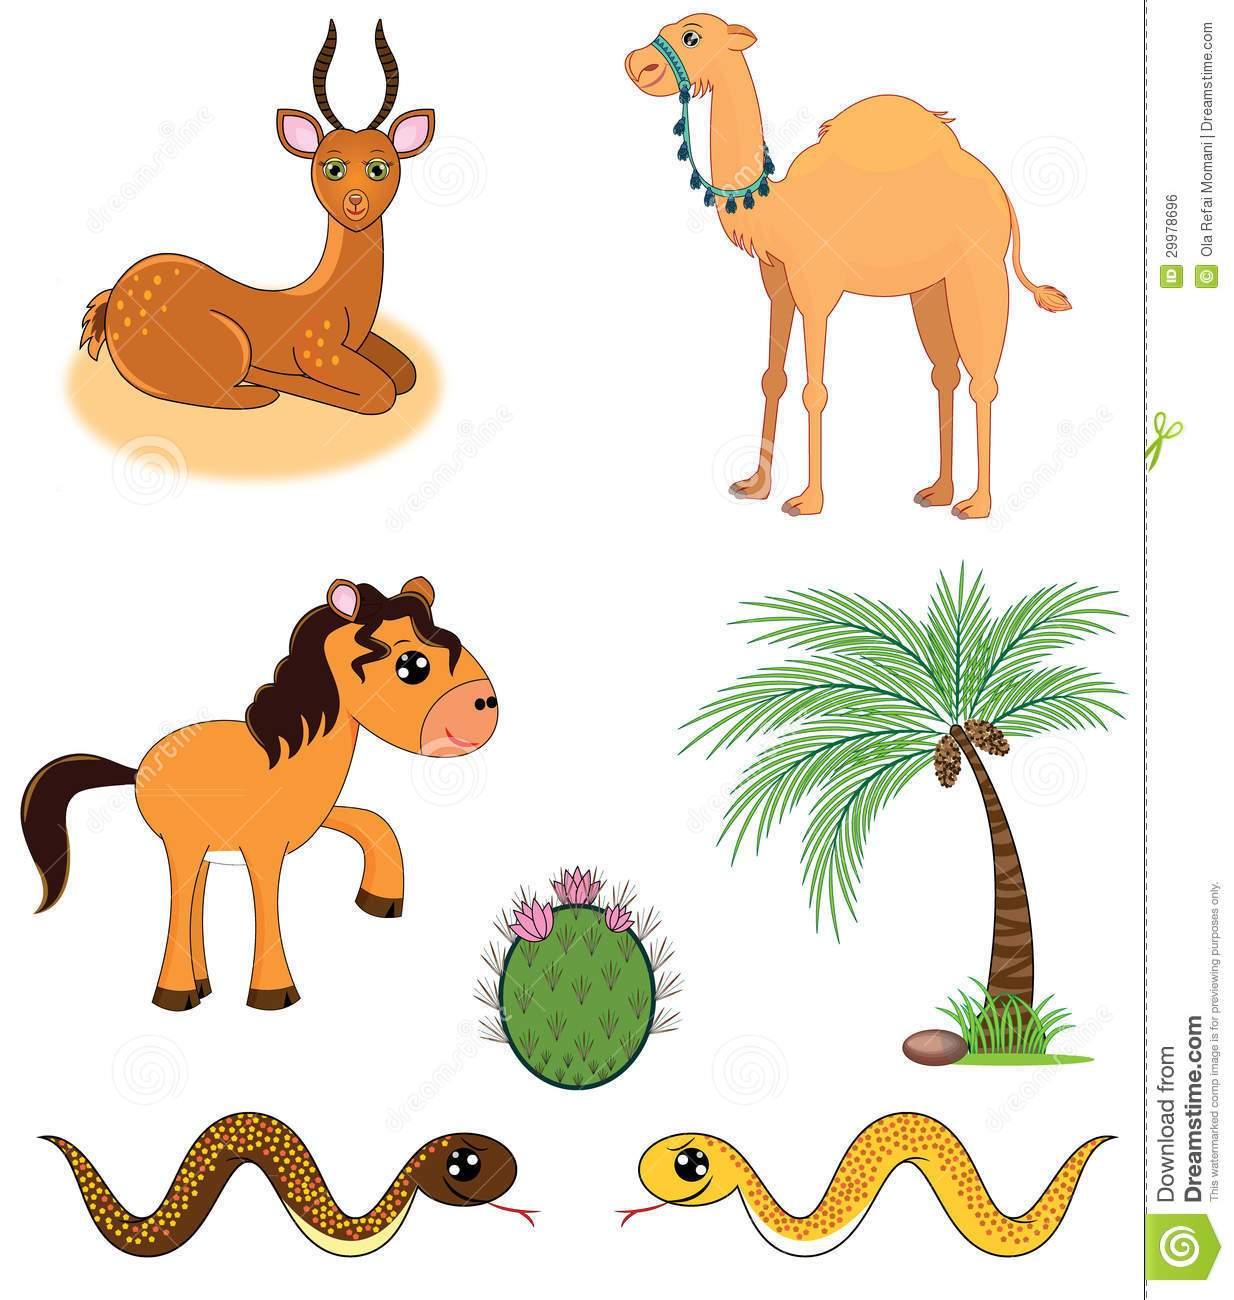 Desert animals clipart 1 » Clipart Portal.